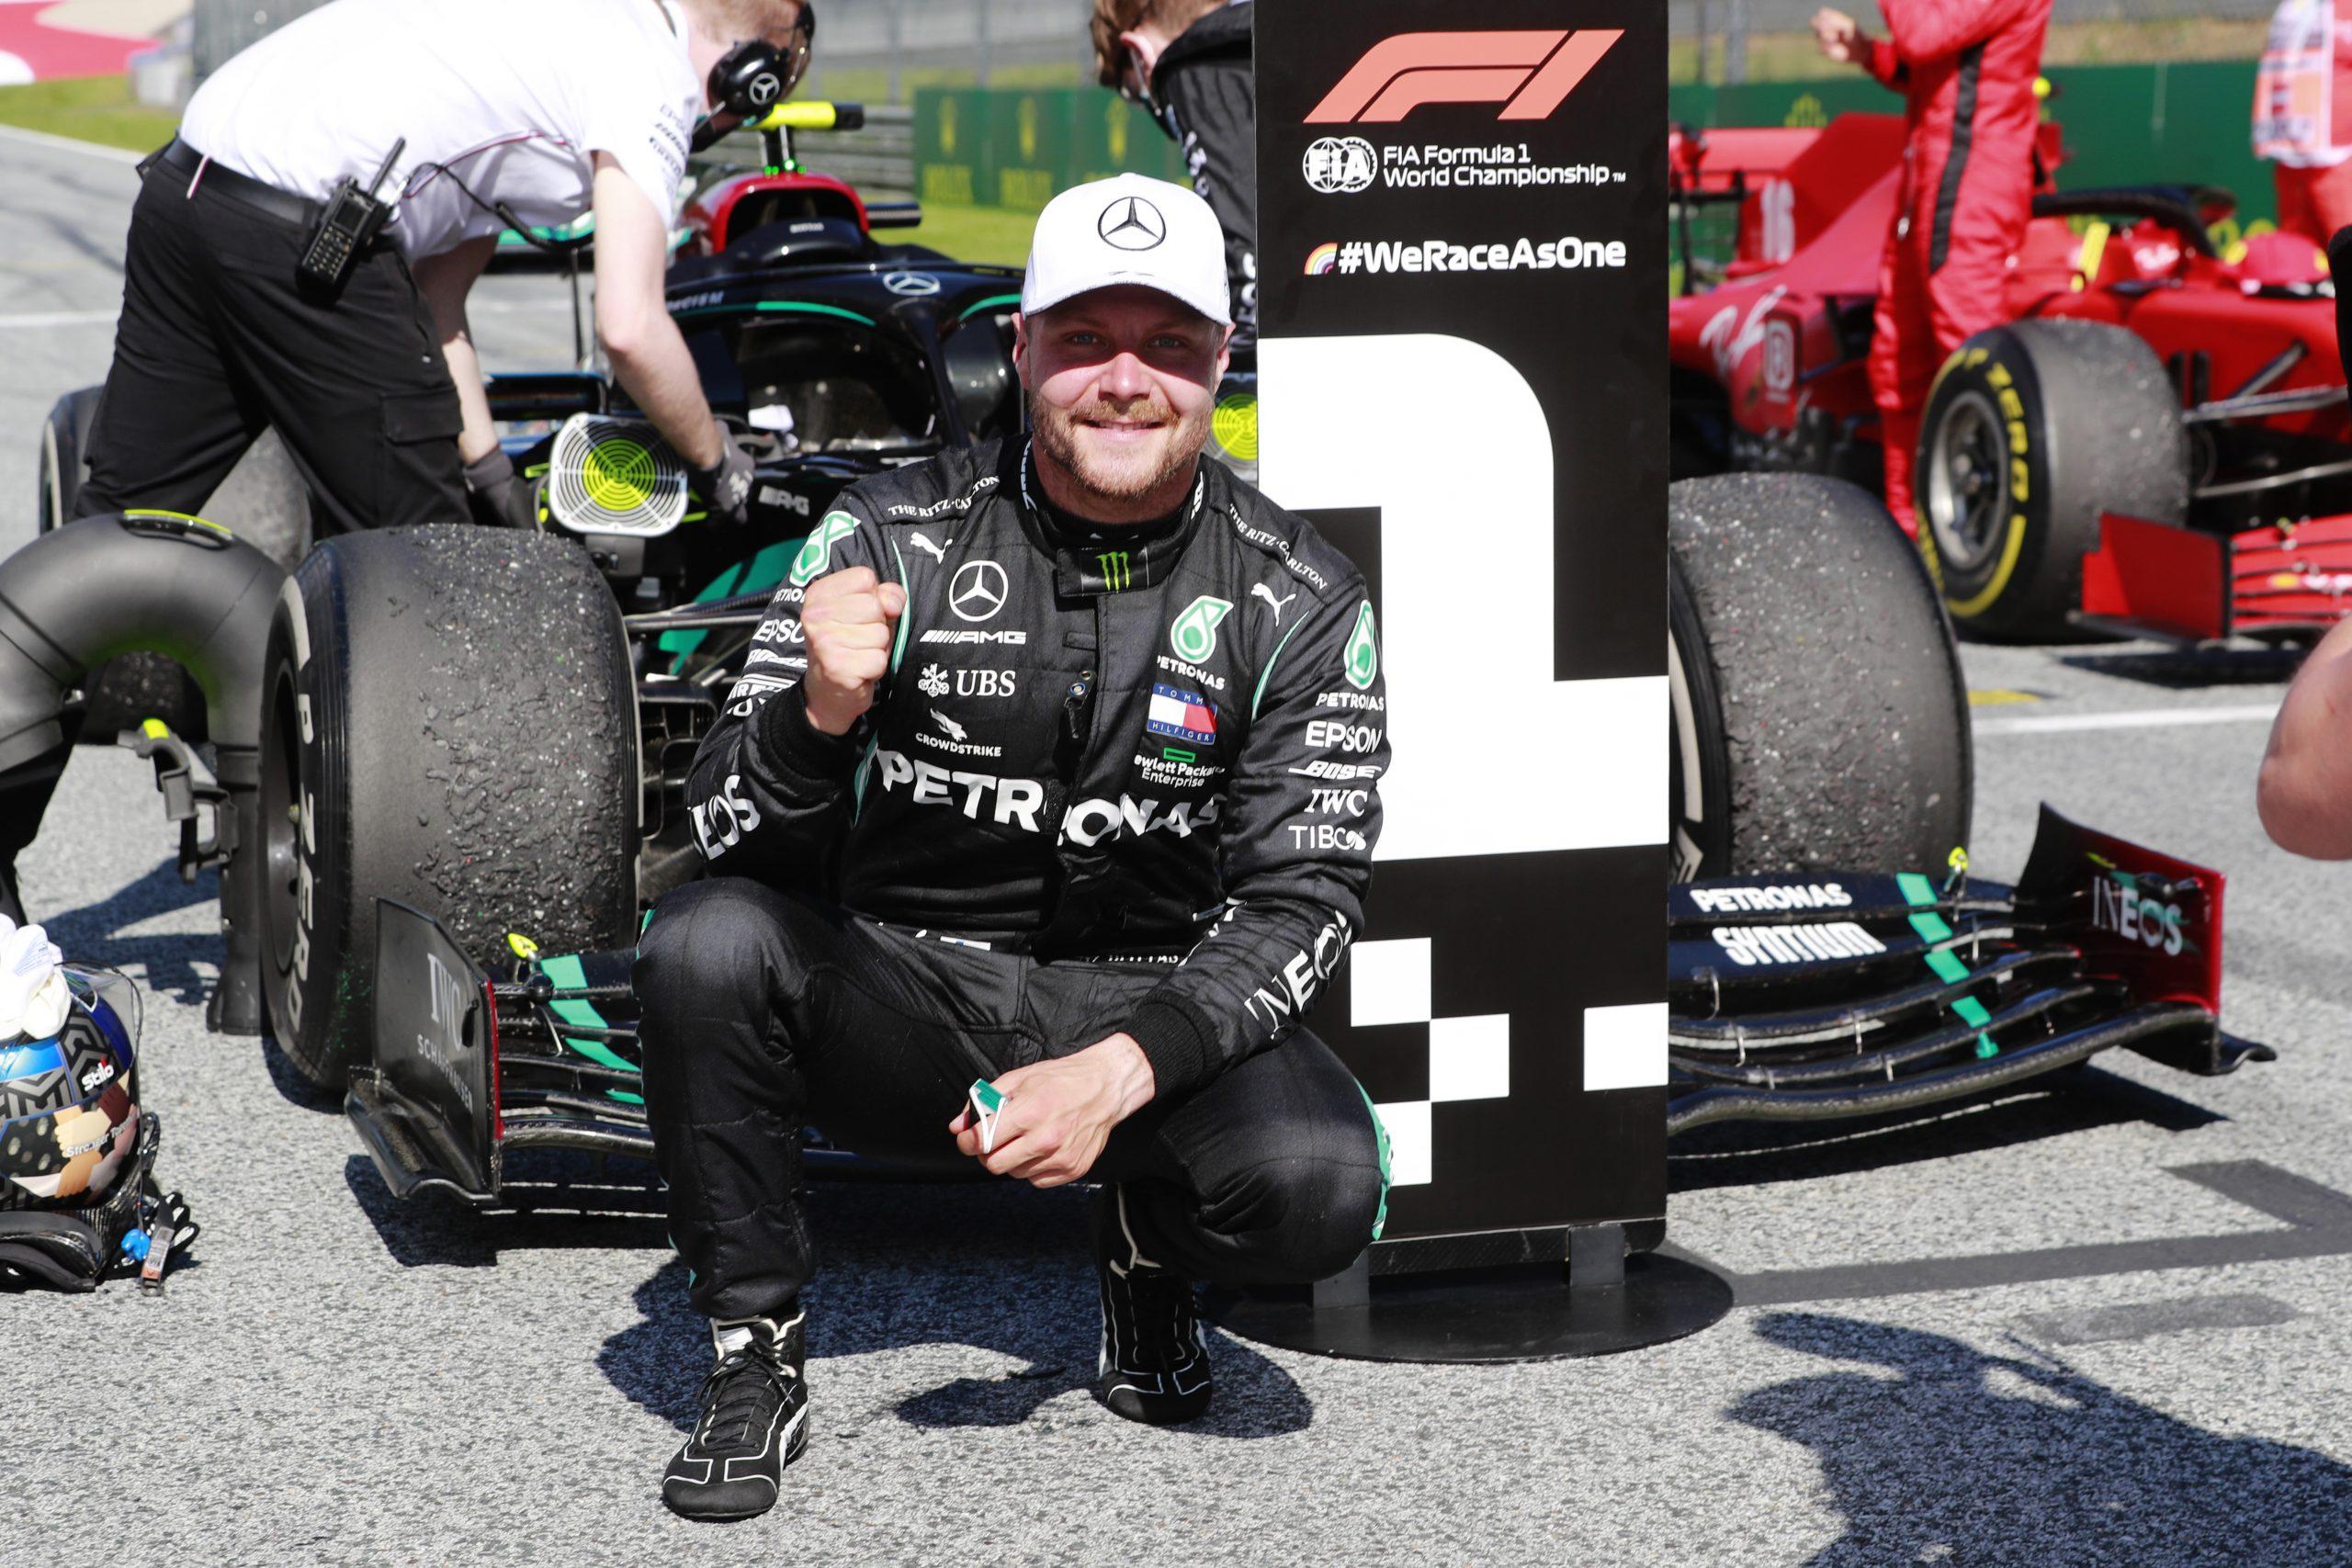 F1, ufficiale: Bottas rinnova fino al 2021 con la Mercedes